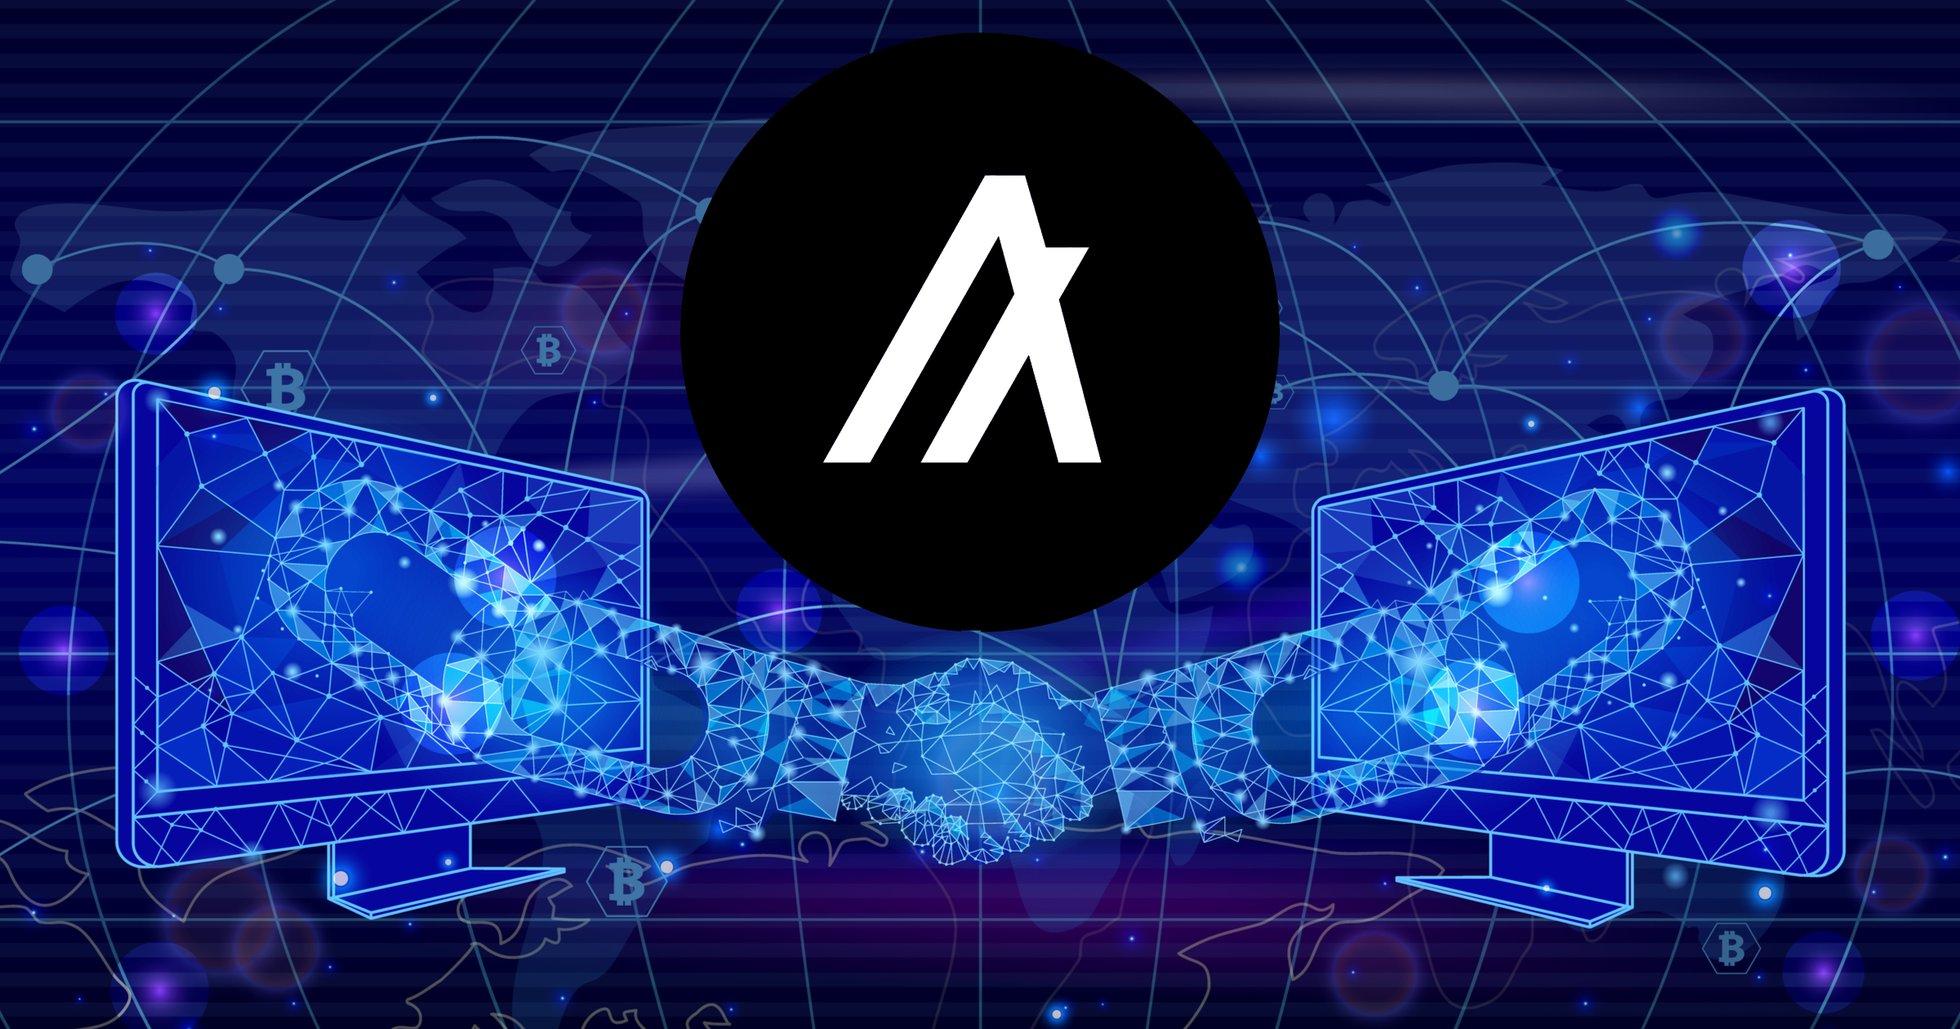 Kryptobörsen Archax inleder samarbete med Algorand – ska skapa smarta finansiella produkter.